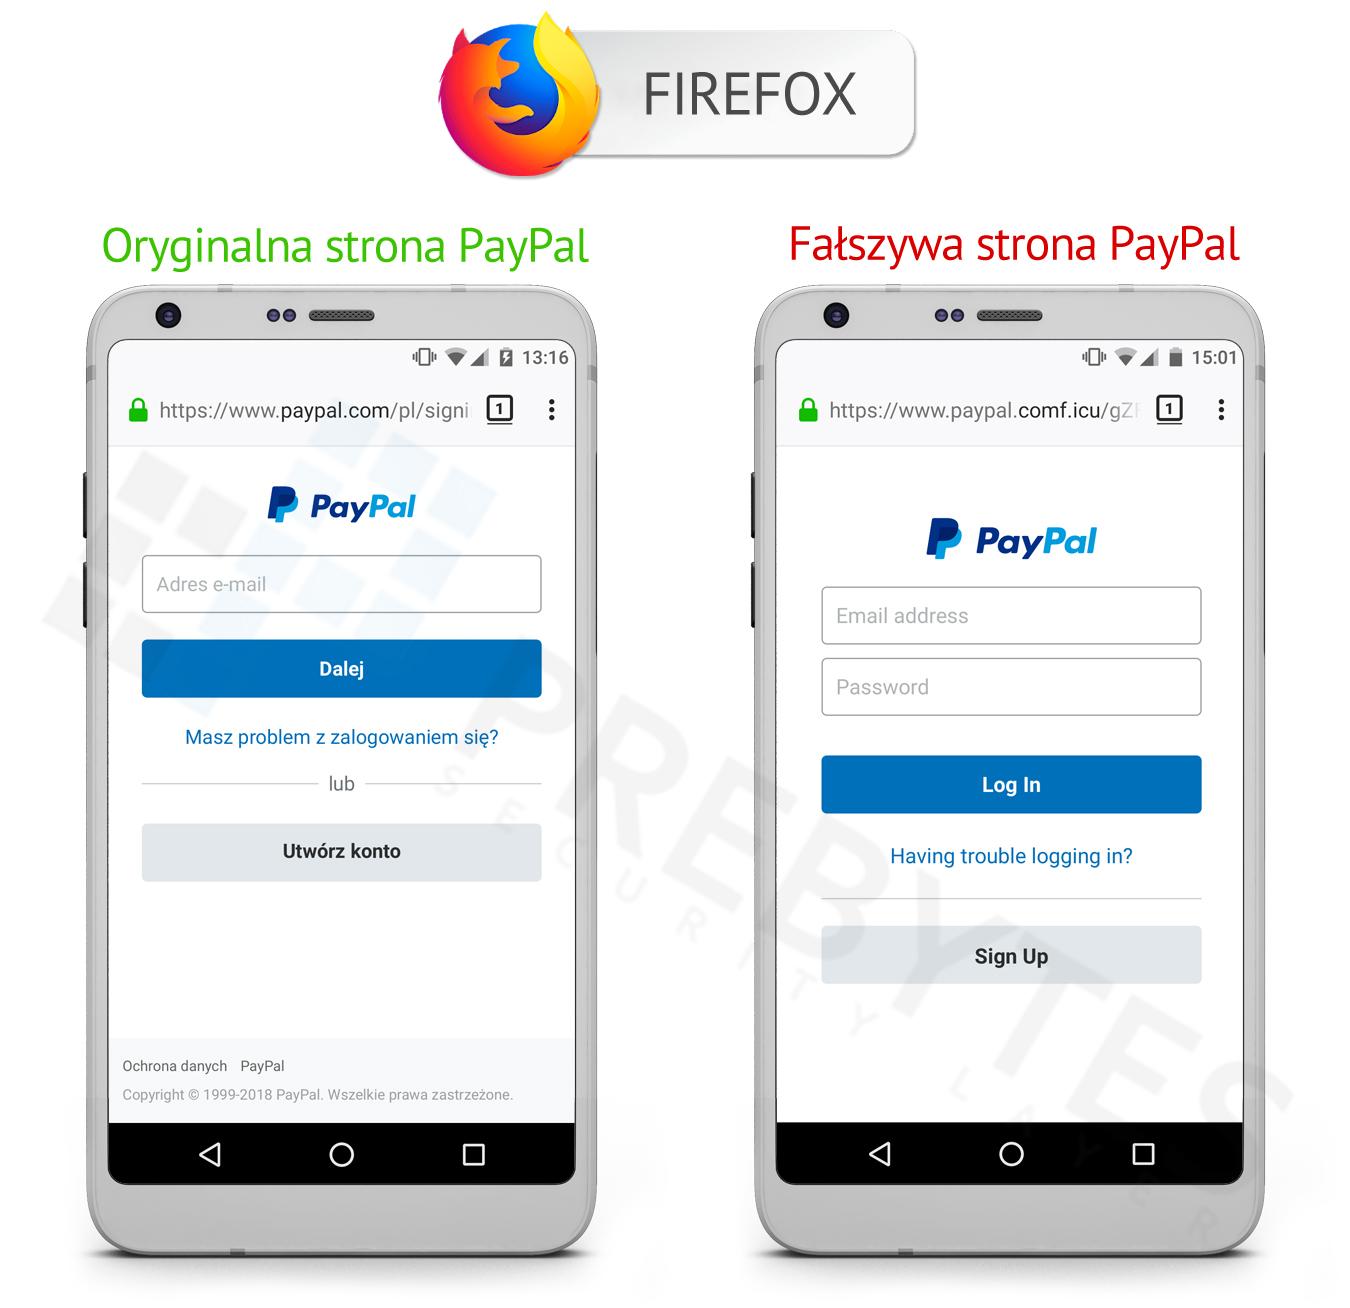 Firefox_porownanie-3